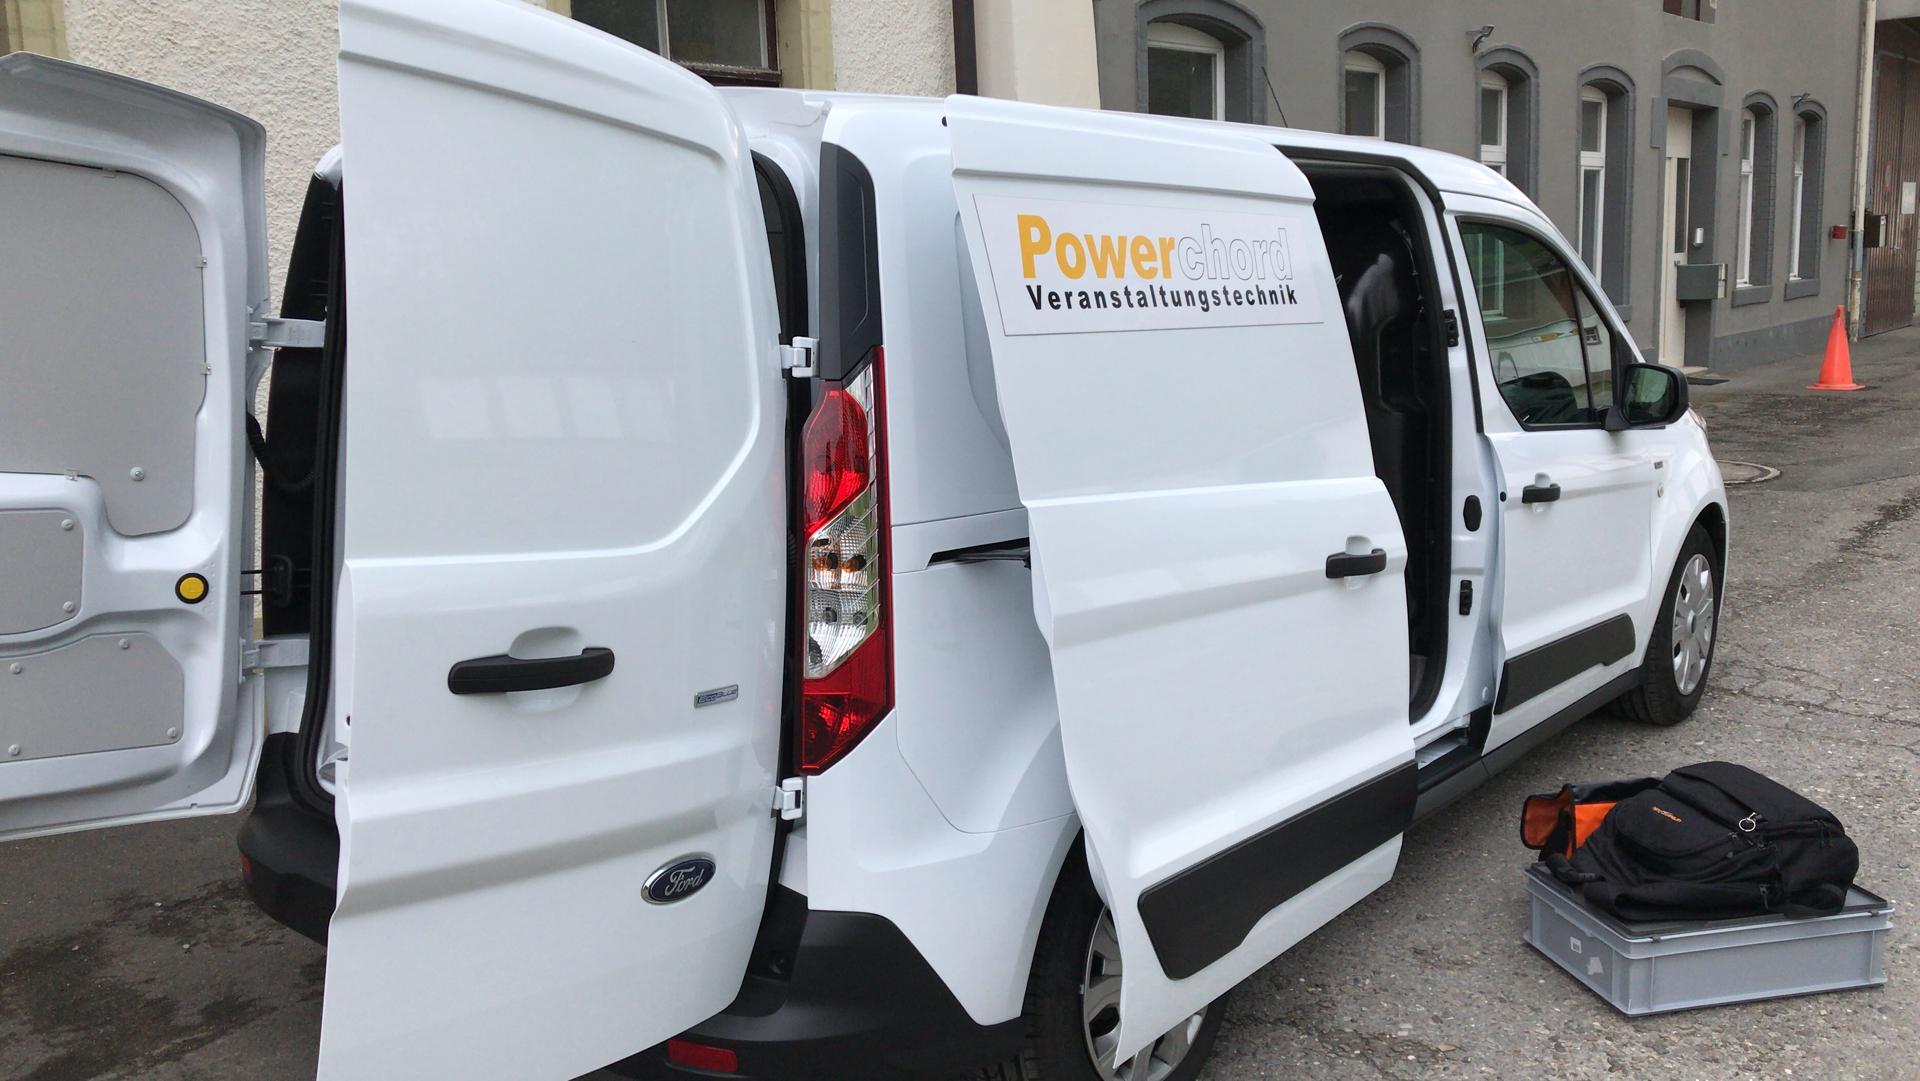 Mein Privatauto und Ton(technik)-Mobil